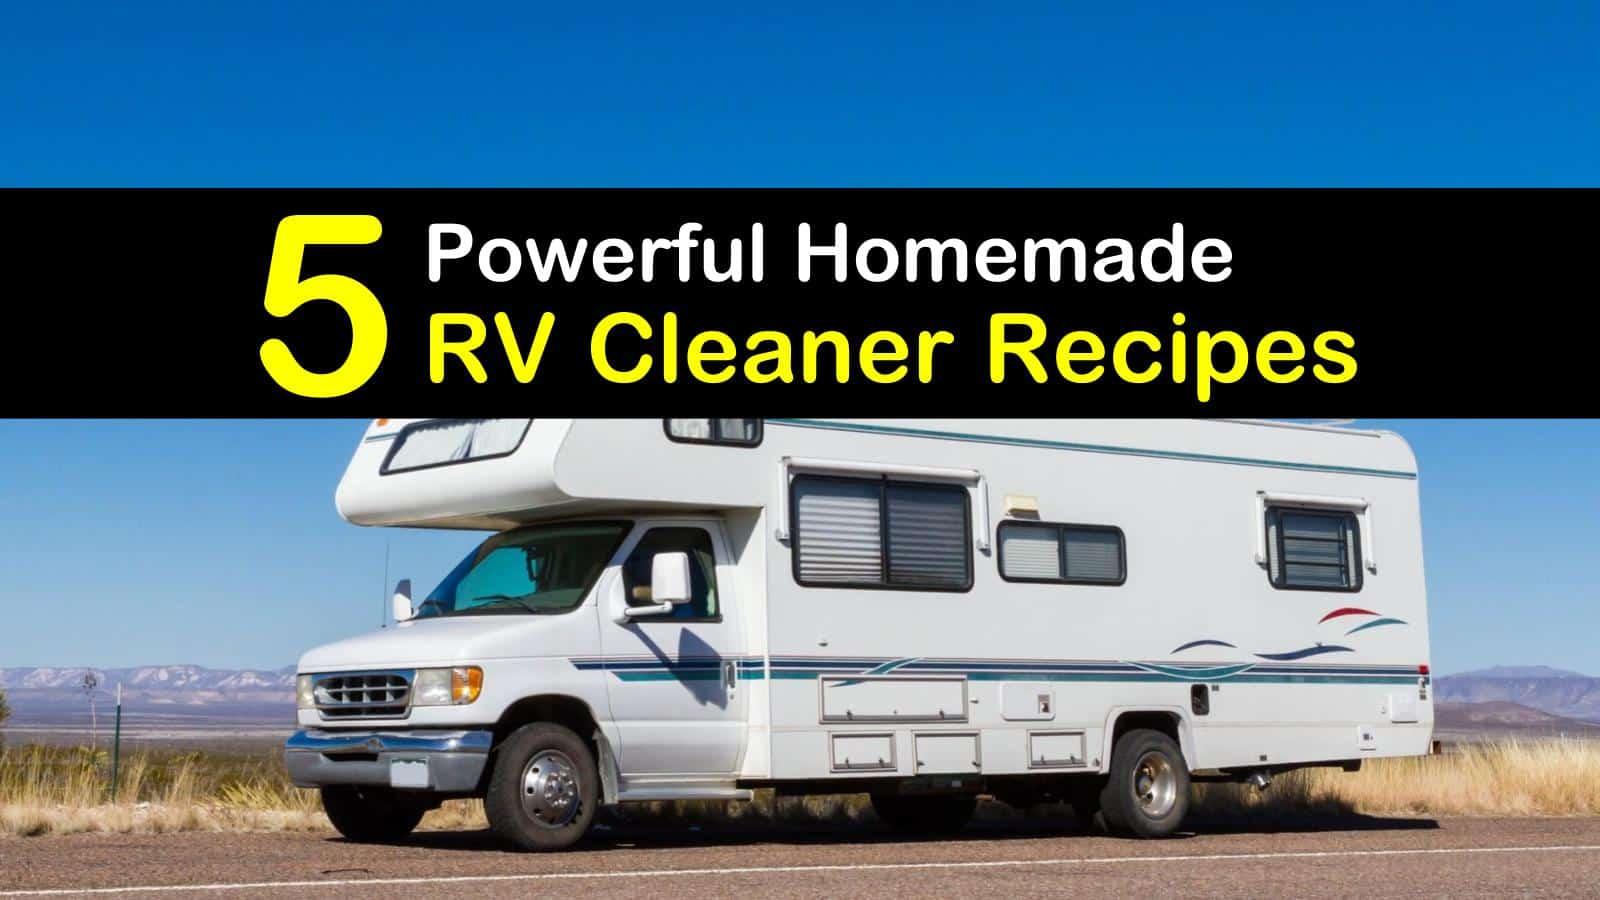 homemade rv cleaner titleimg1